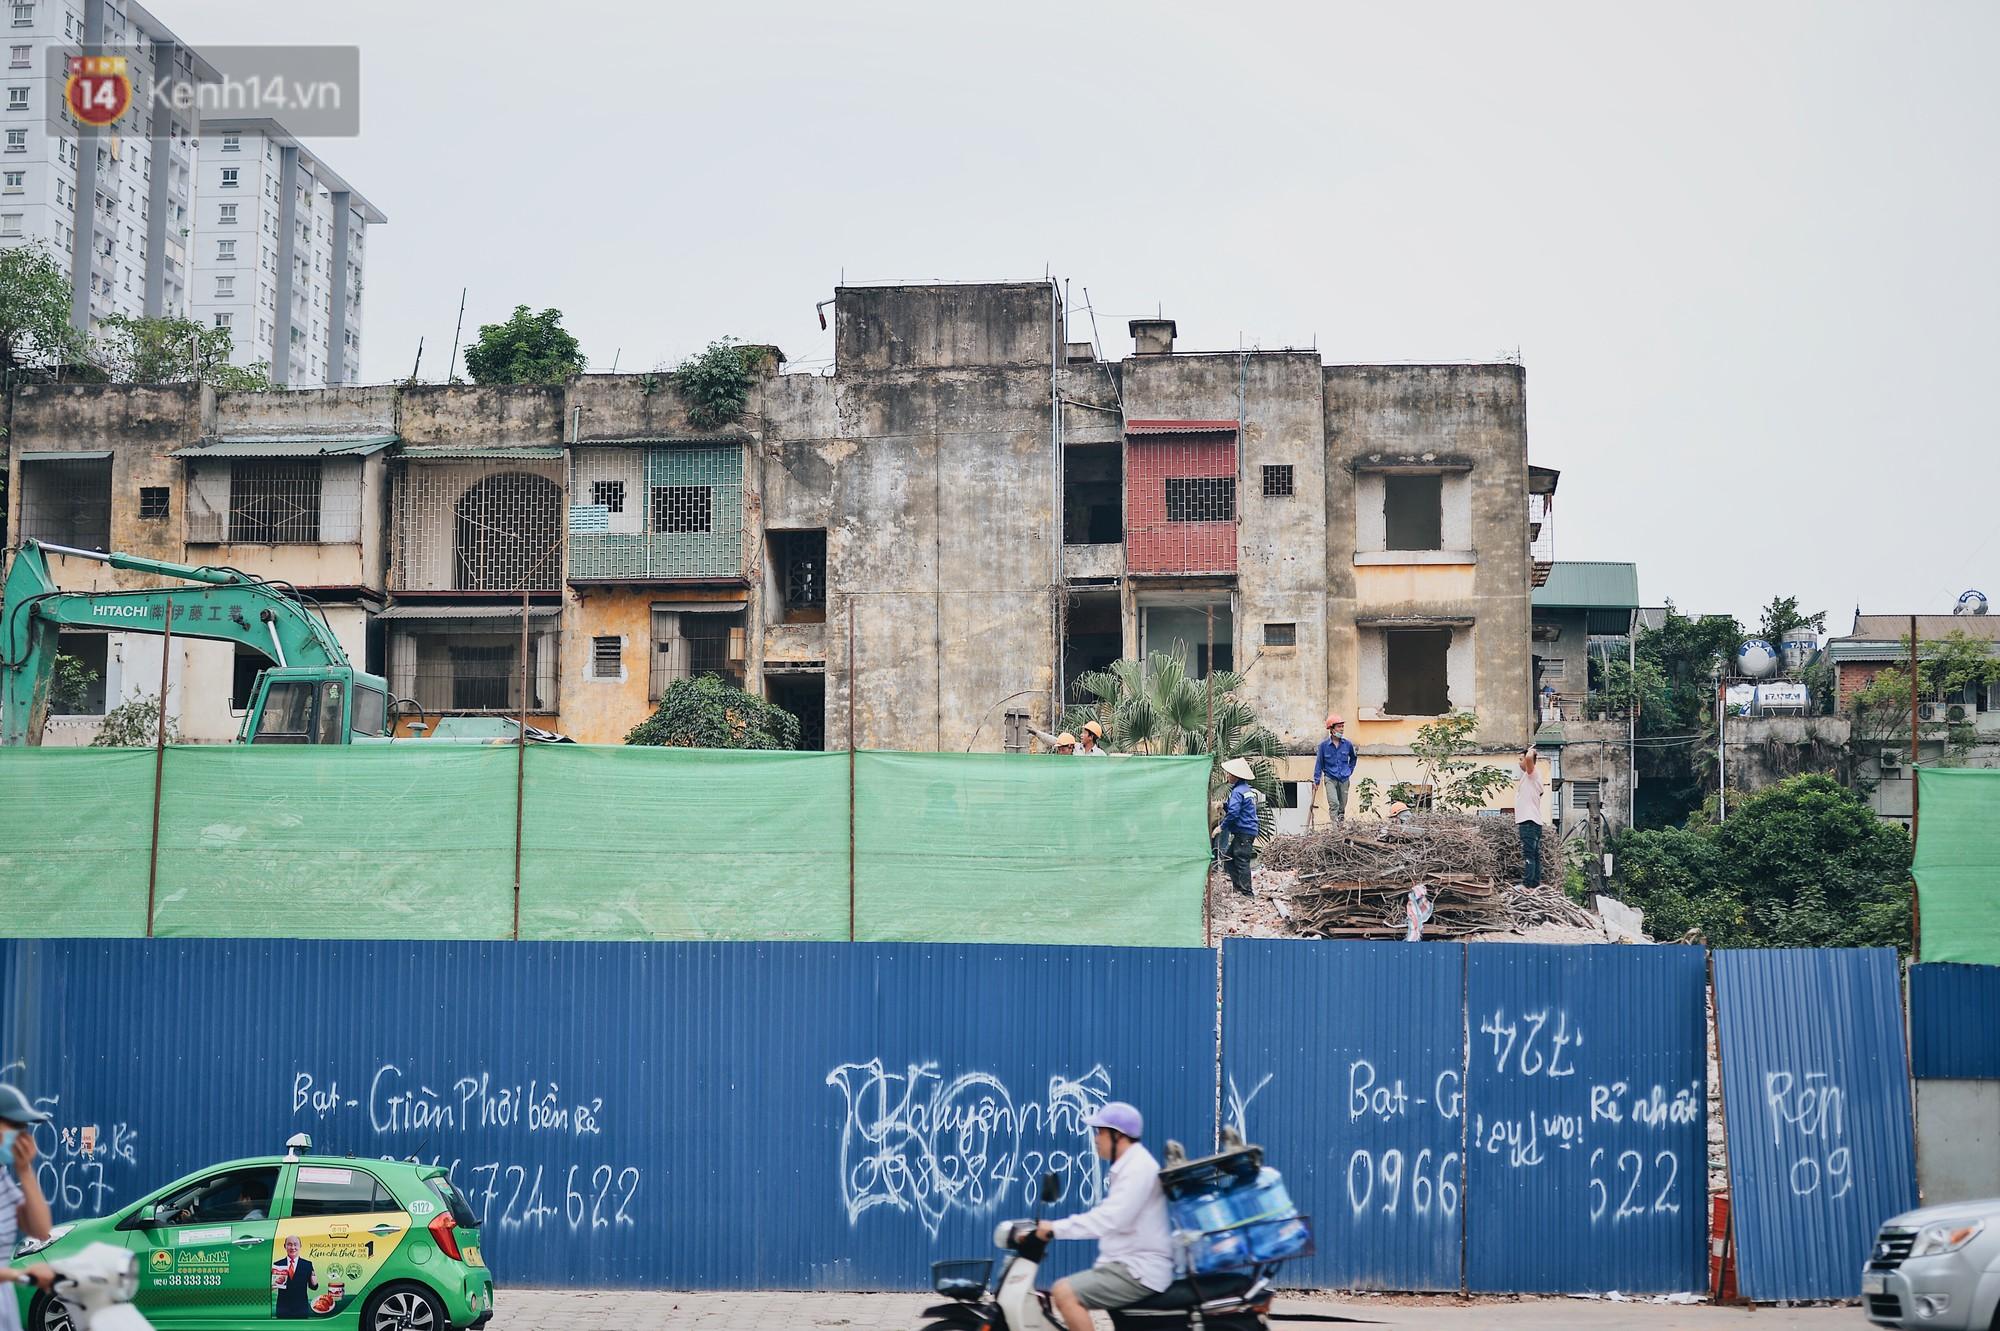 Phá dỡ khu tập thể đất vàng hơn 10 năm ngủ quên giữa trung tâm Hà Nội - Ảnh 1.